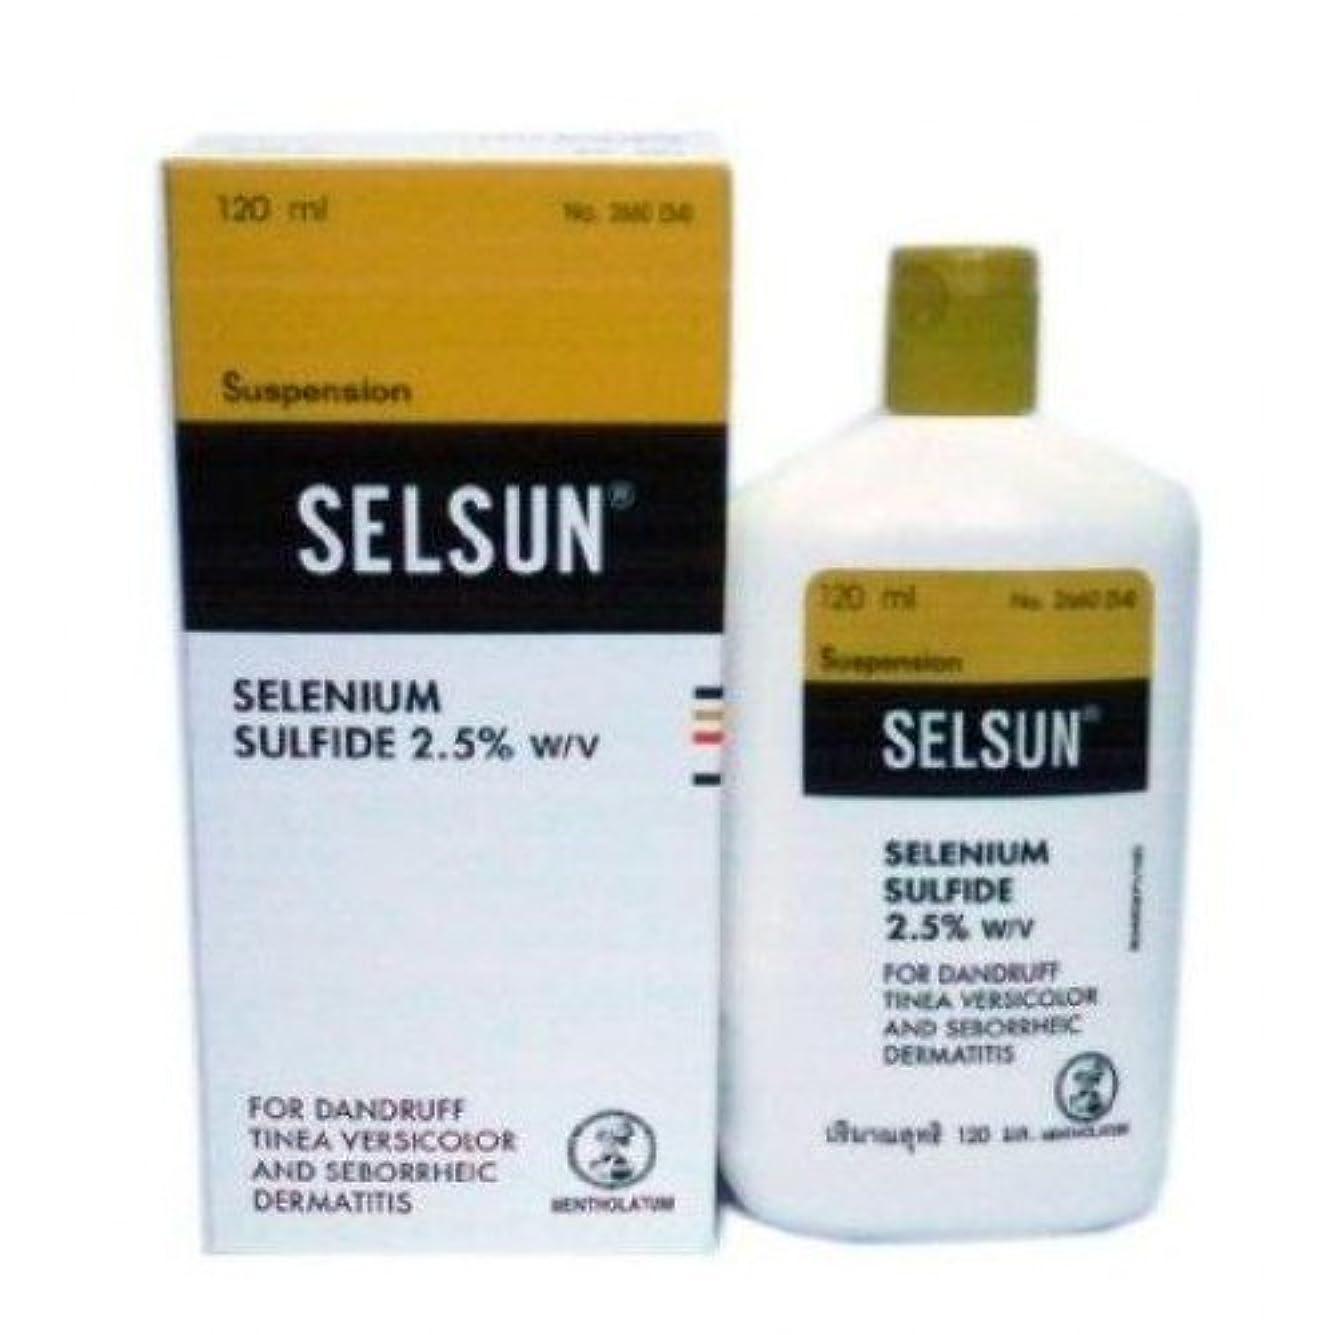 下に向けますダム篭SELSUN anti-dandruff shampoo 120ml  セルサン シャンプー